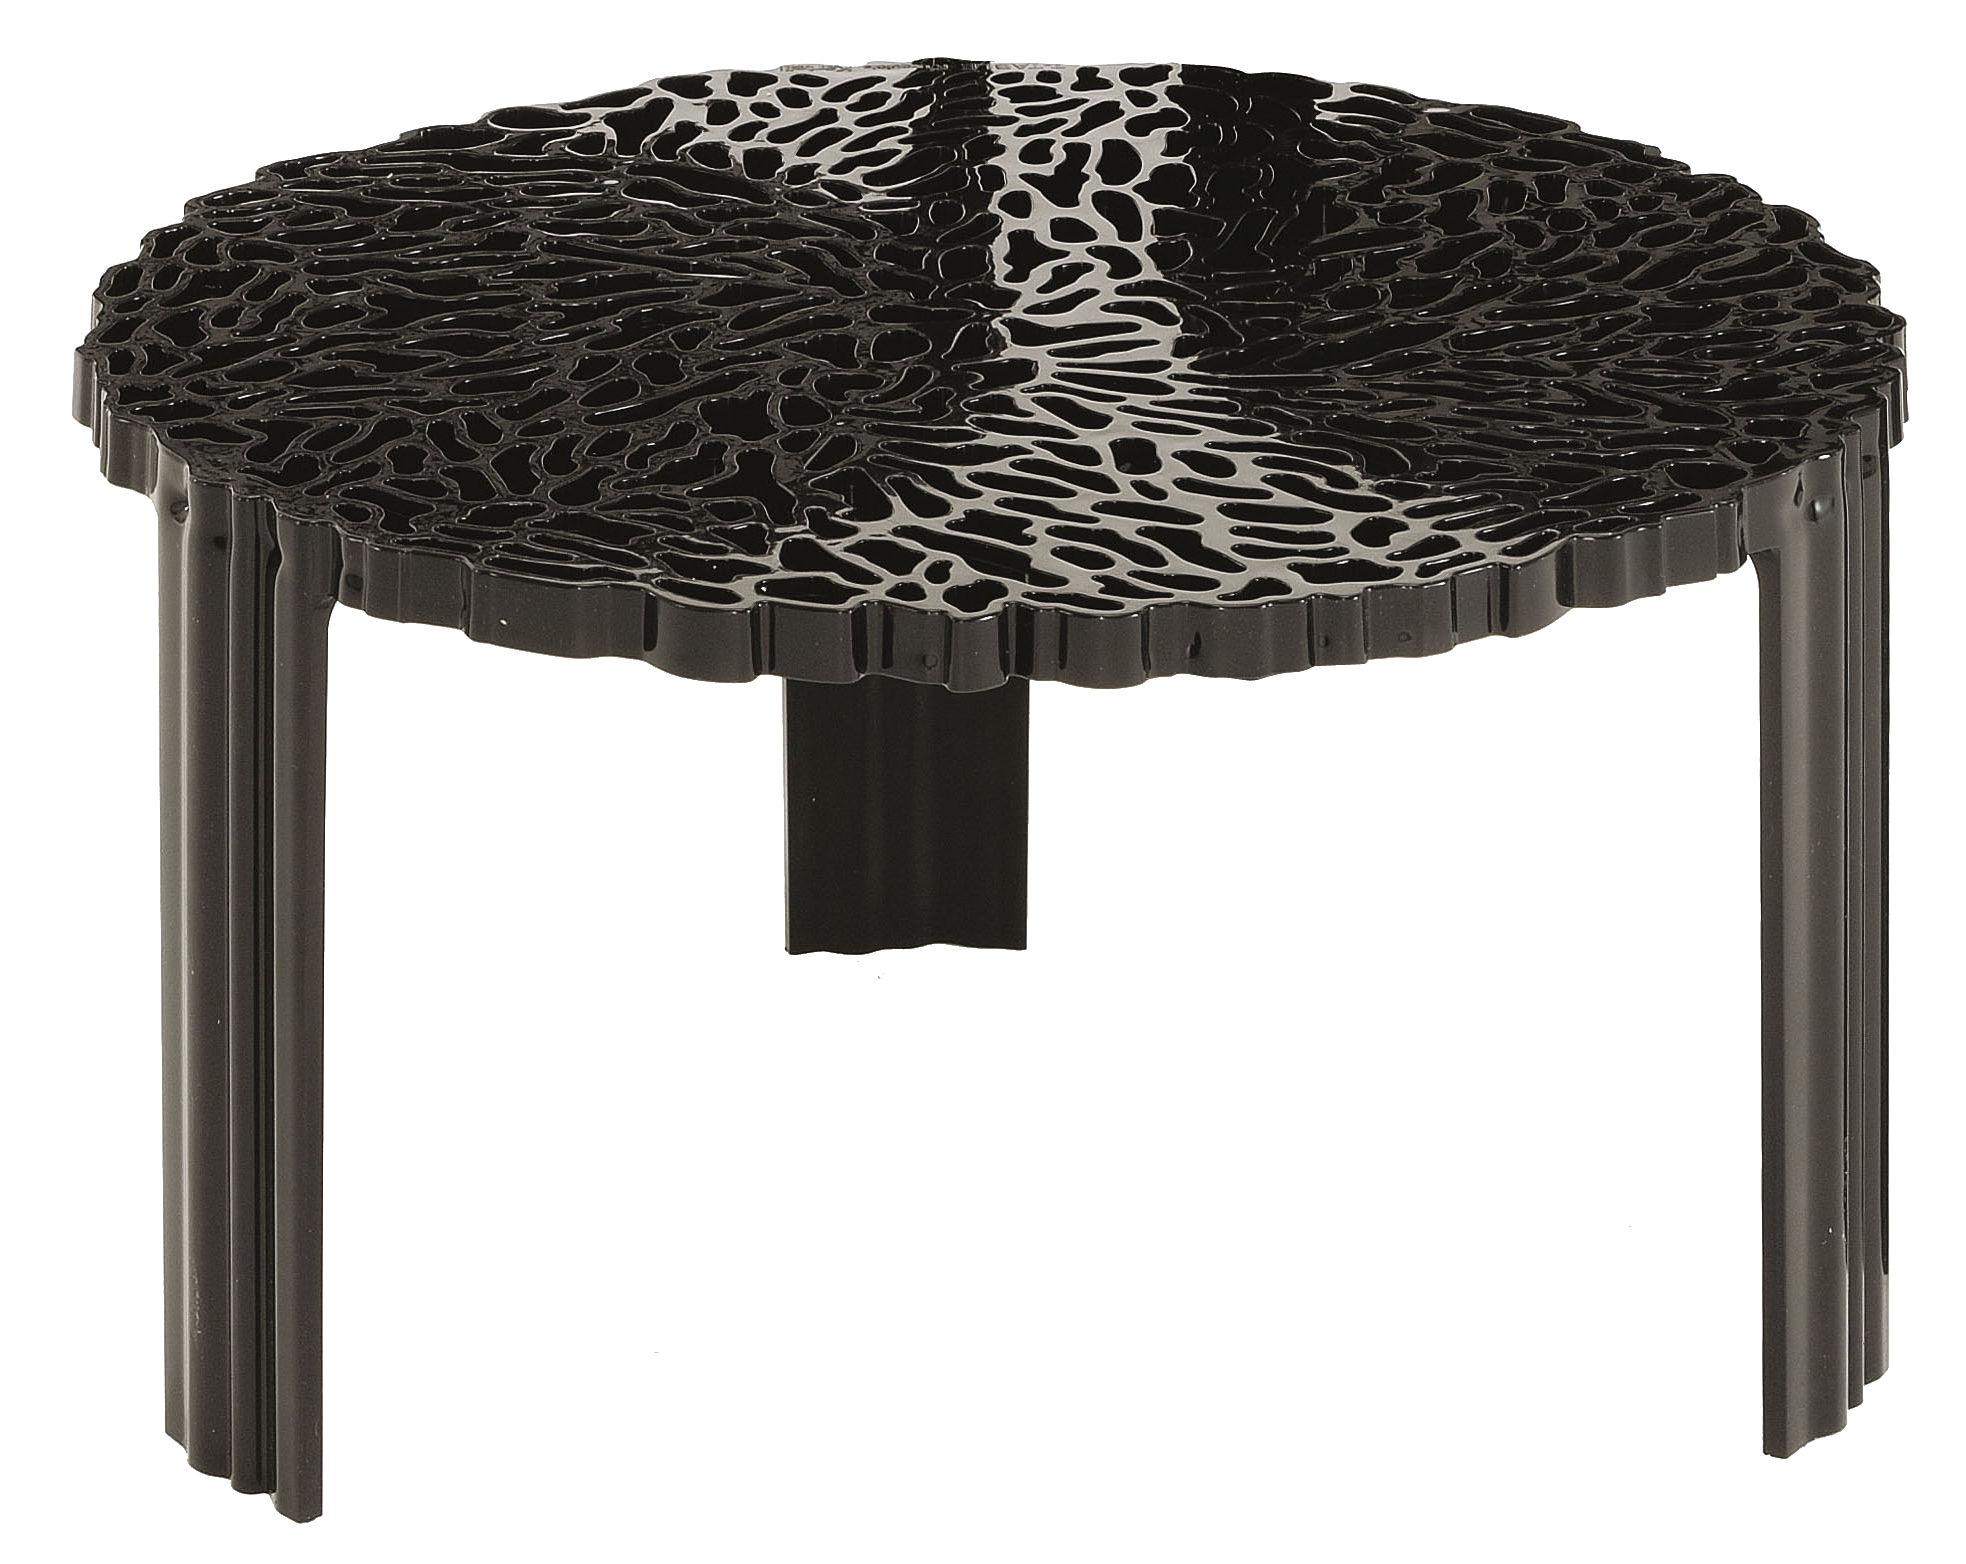 Möbel - Couchtische - T-Table Basso Couchtisch - Kartell - Opakschwarz - PMMA